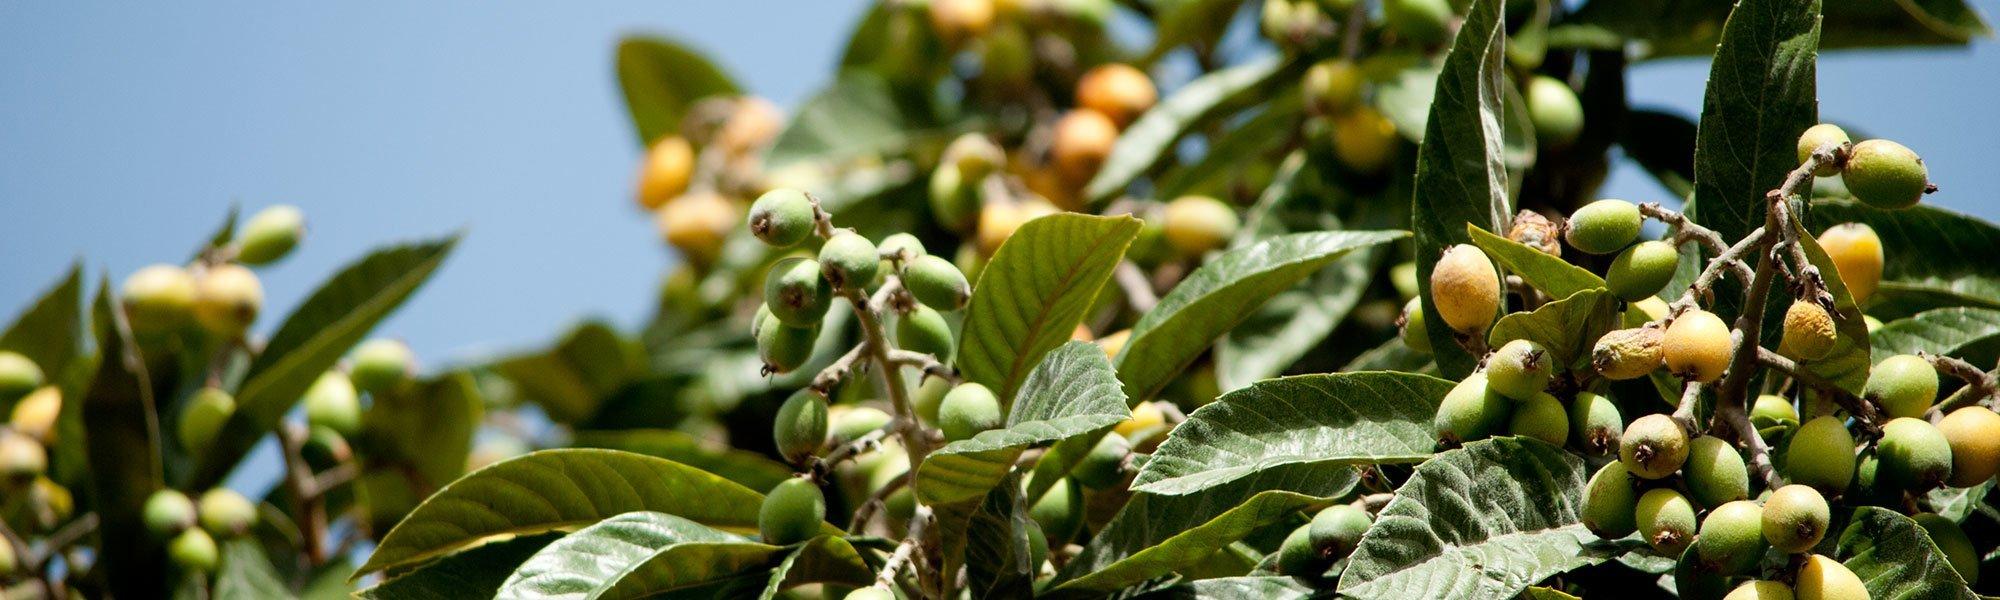 Näärbild på ett fruktträd